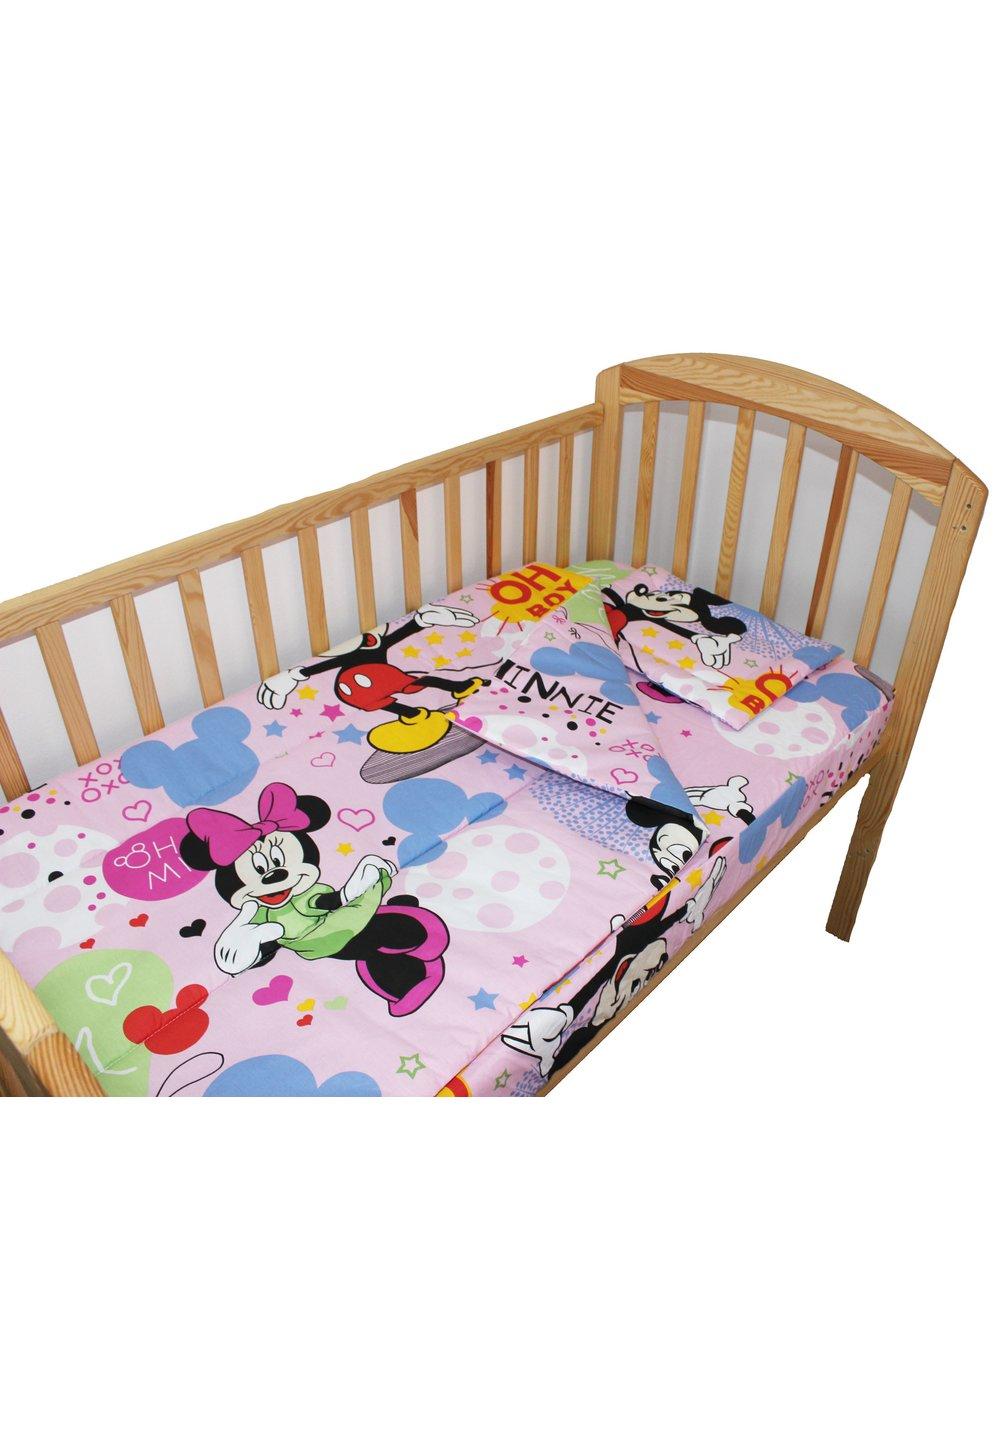 Lenjerie patut, 3 piese, Minnie si Mickey, roz, 120 x 60 cm imagine